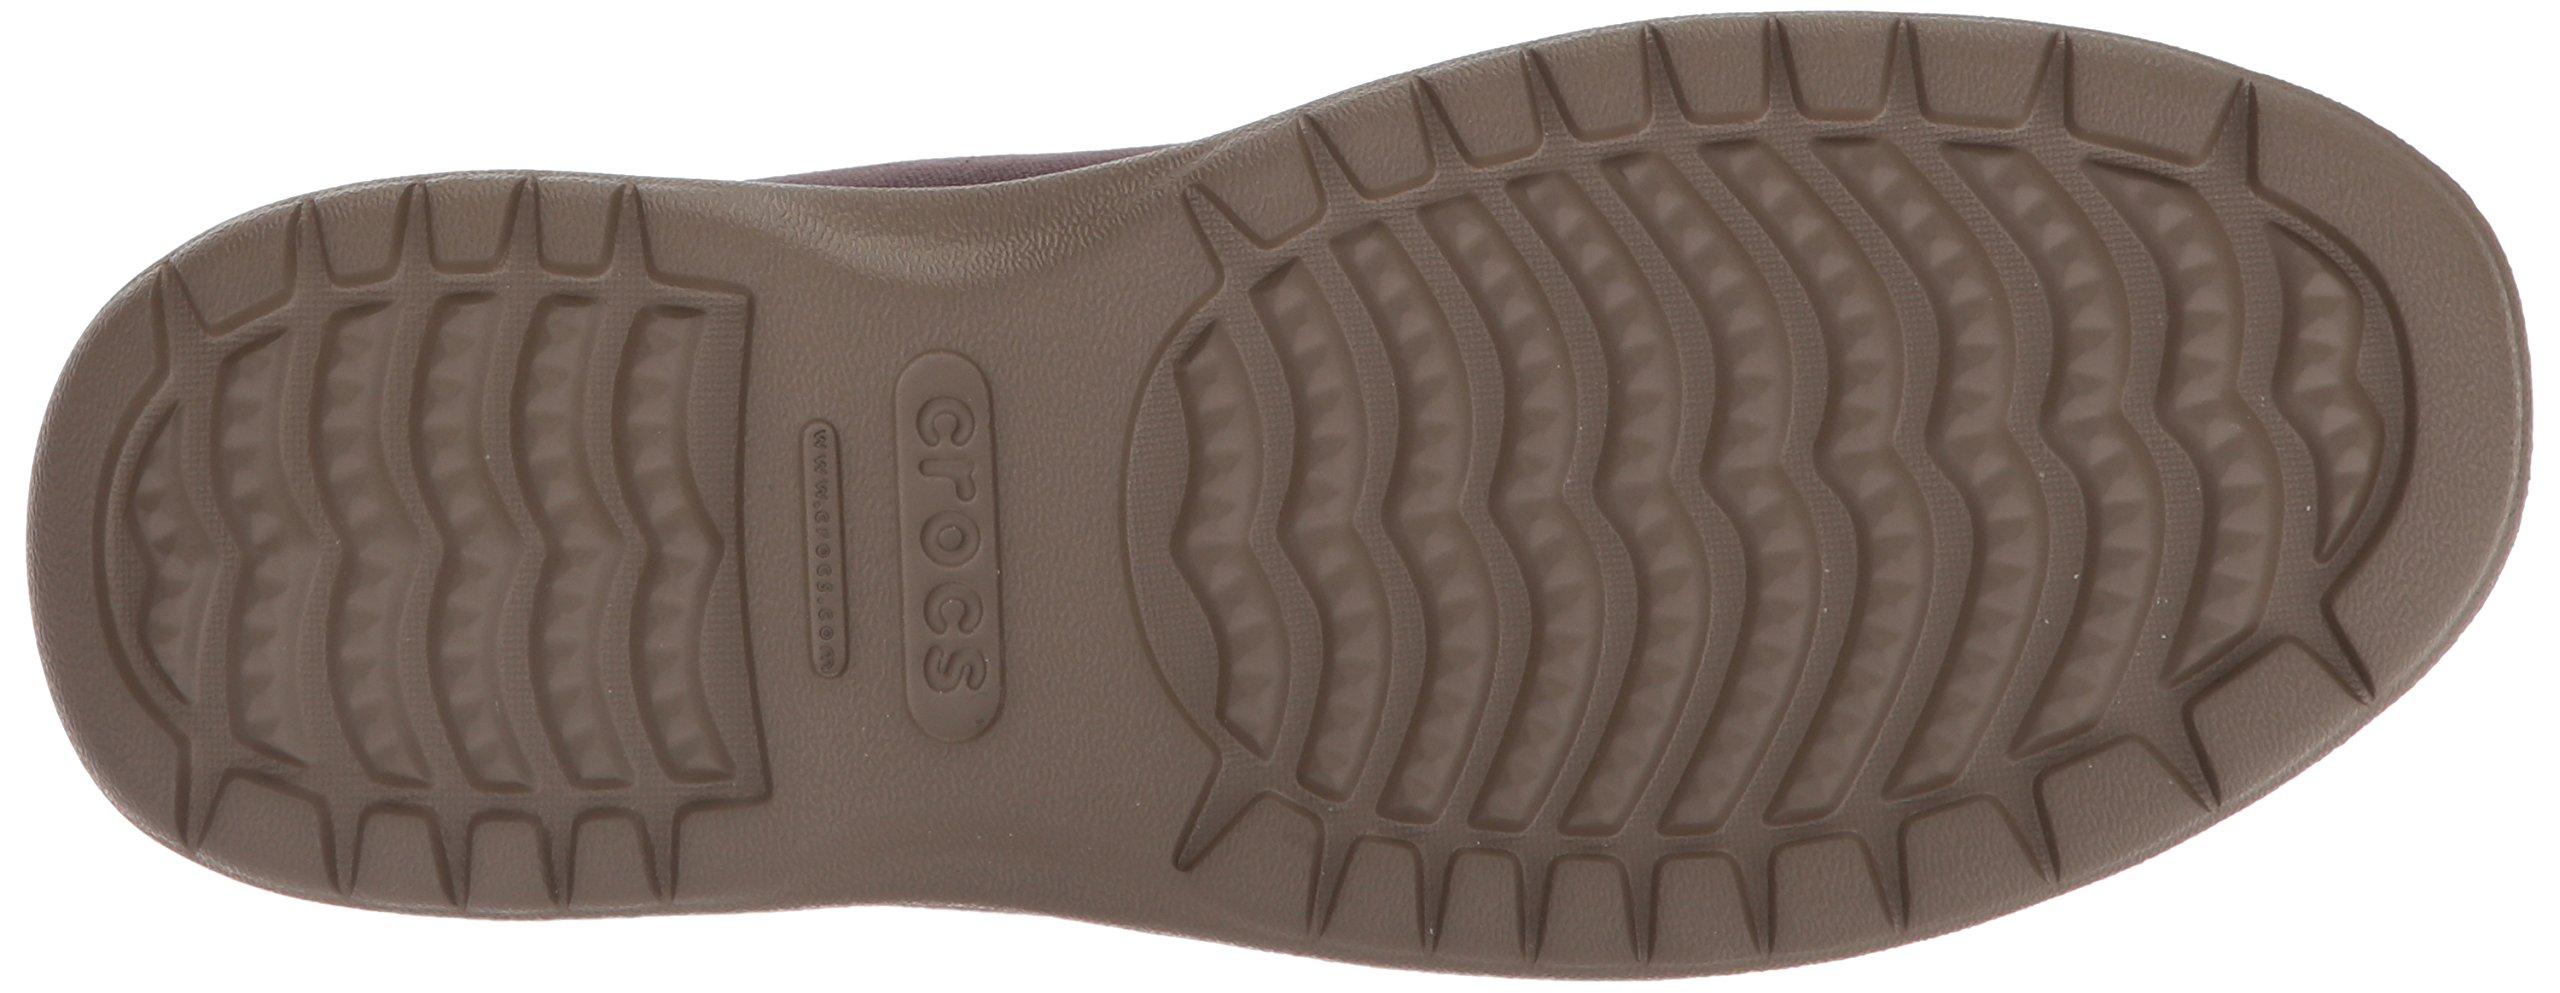 9f92f4579f5 Crocs Men's Santa Cruz Convertible Slip-On Loafer, Espresso/Walnut, 7 M US